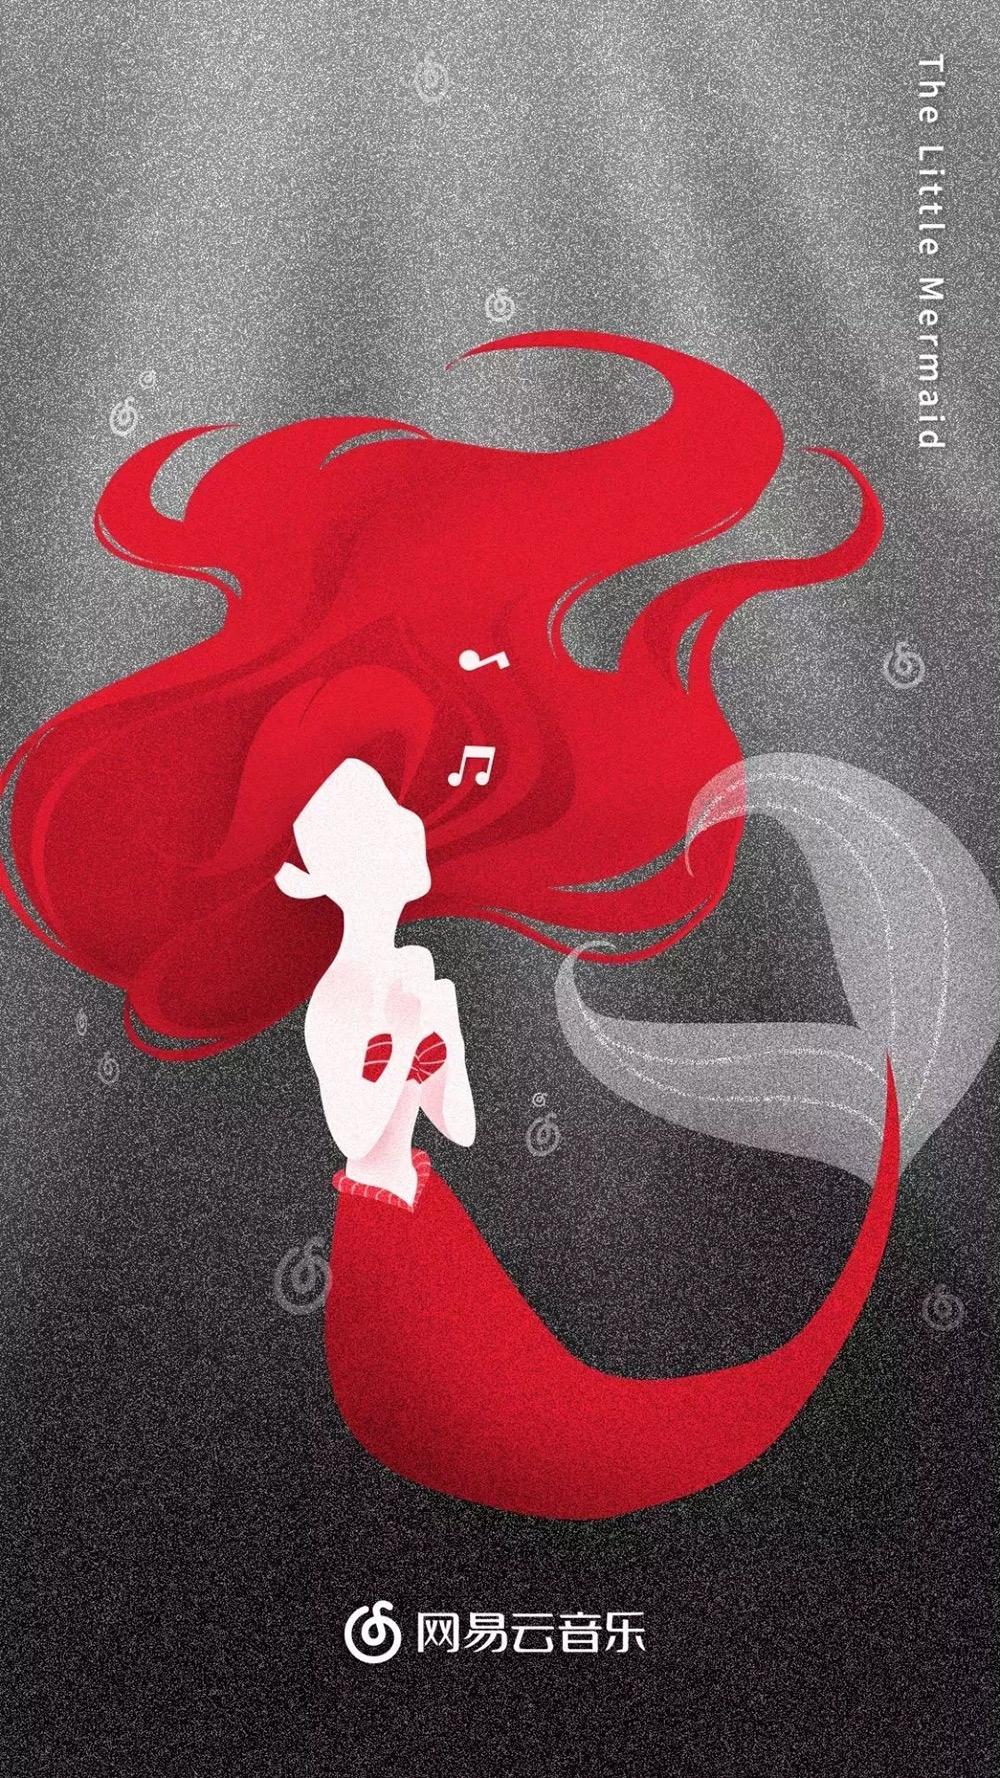 漂亮又有趣!12个网易云音乐的借势海报设计